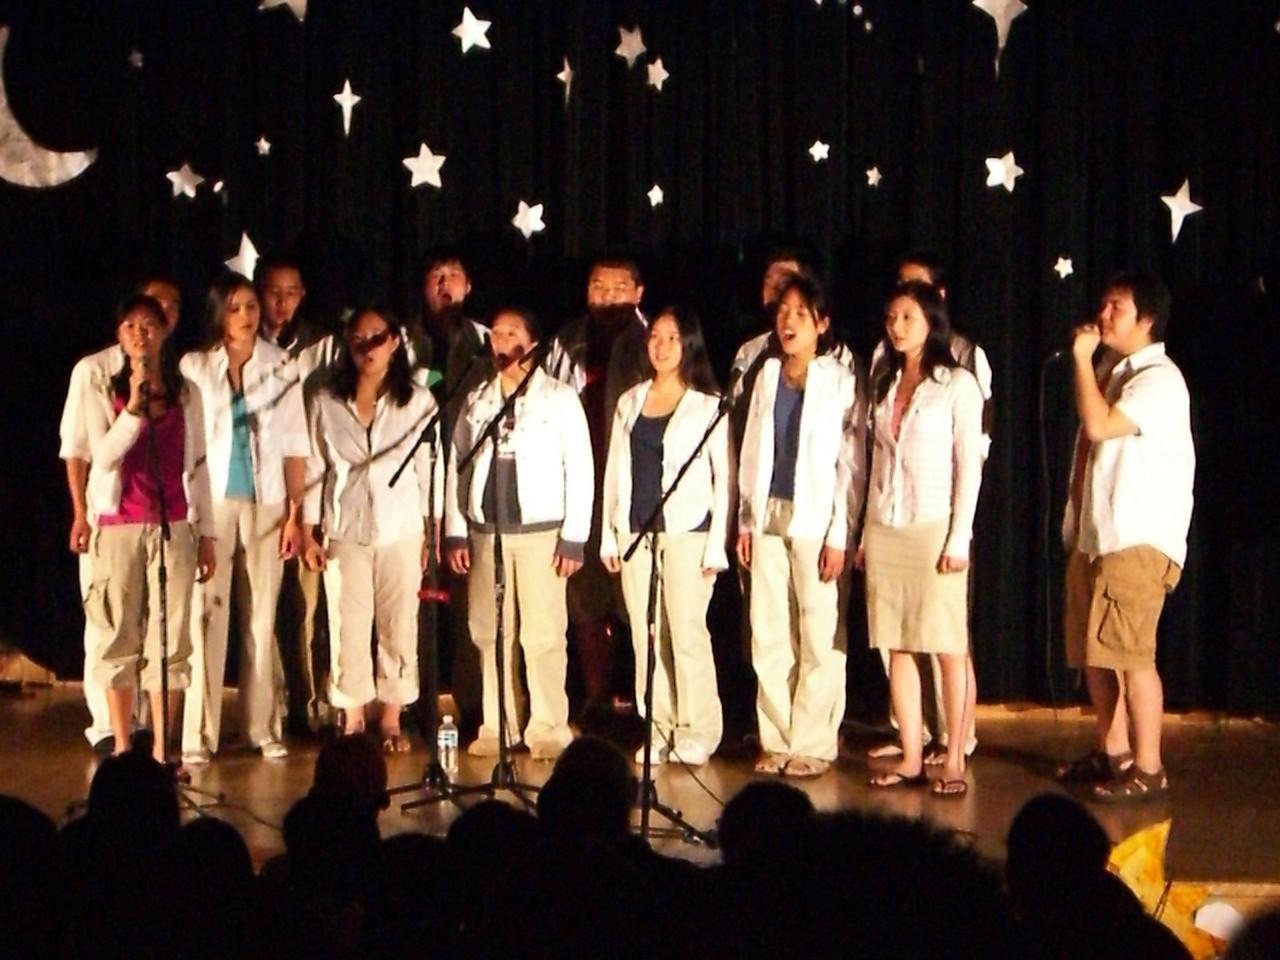 2006 04 29 Sat - FCS Spring Show 3